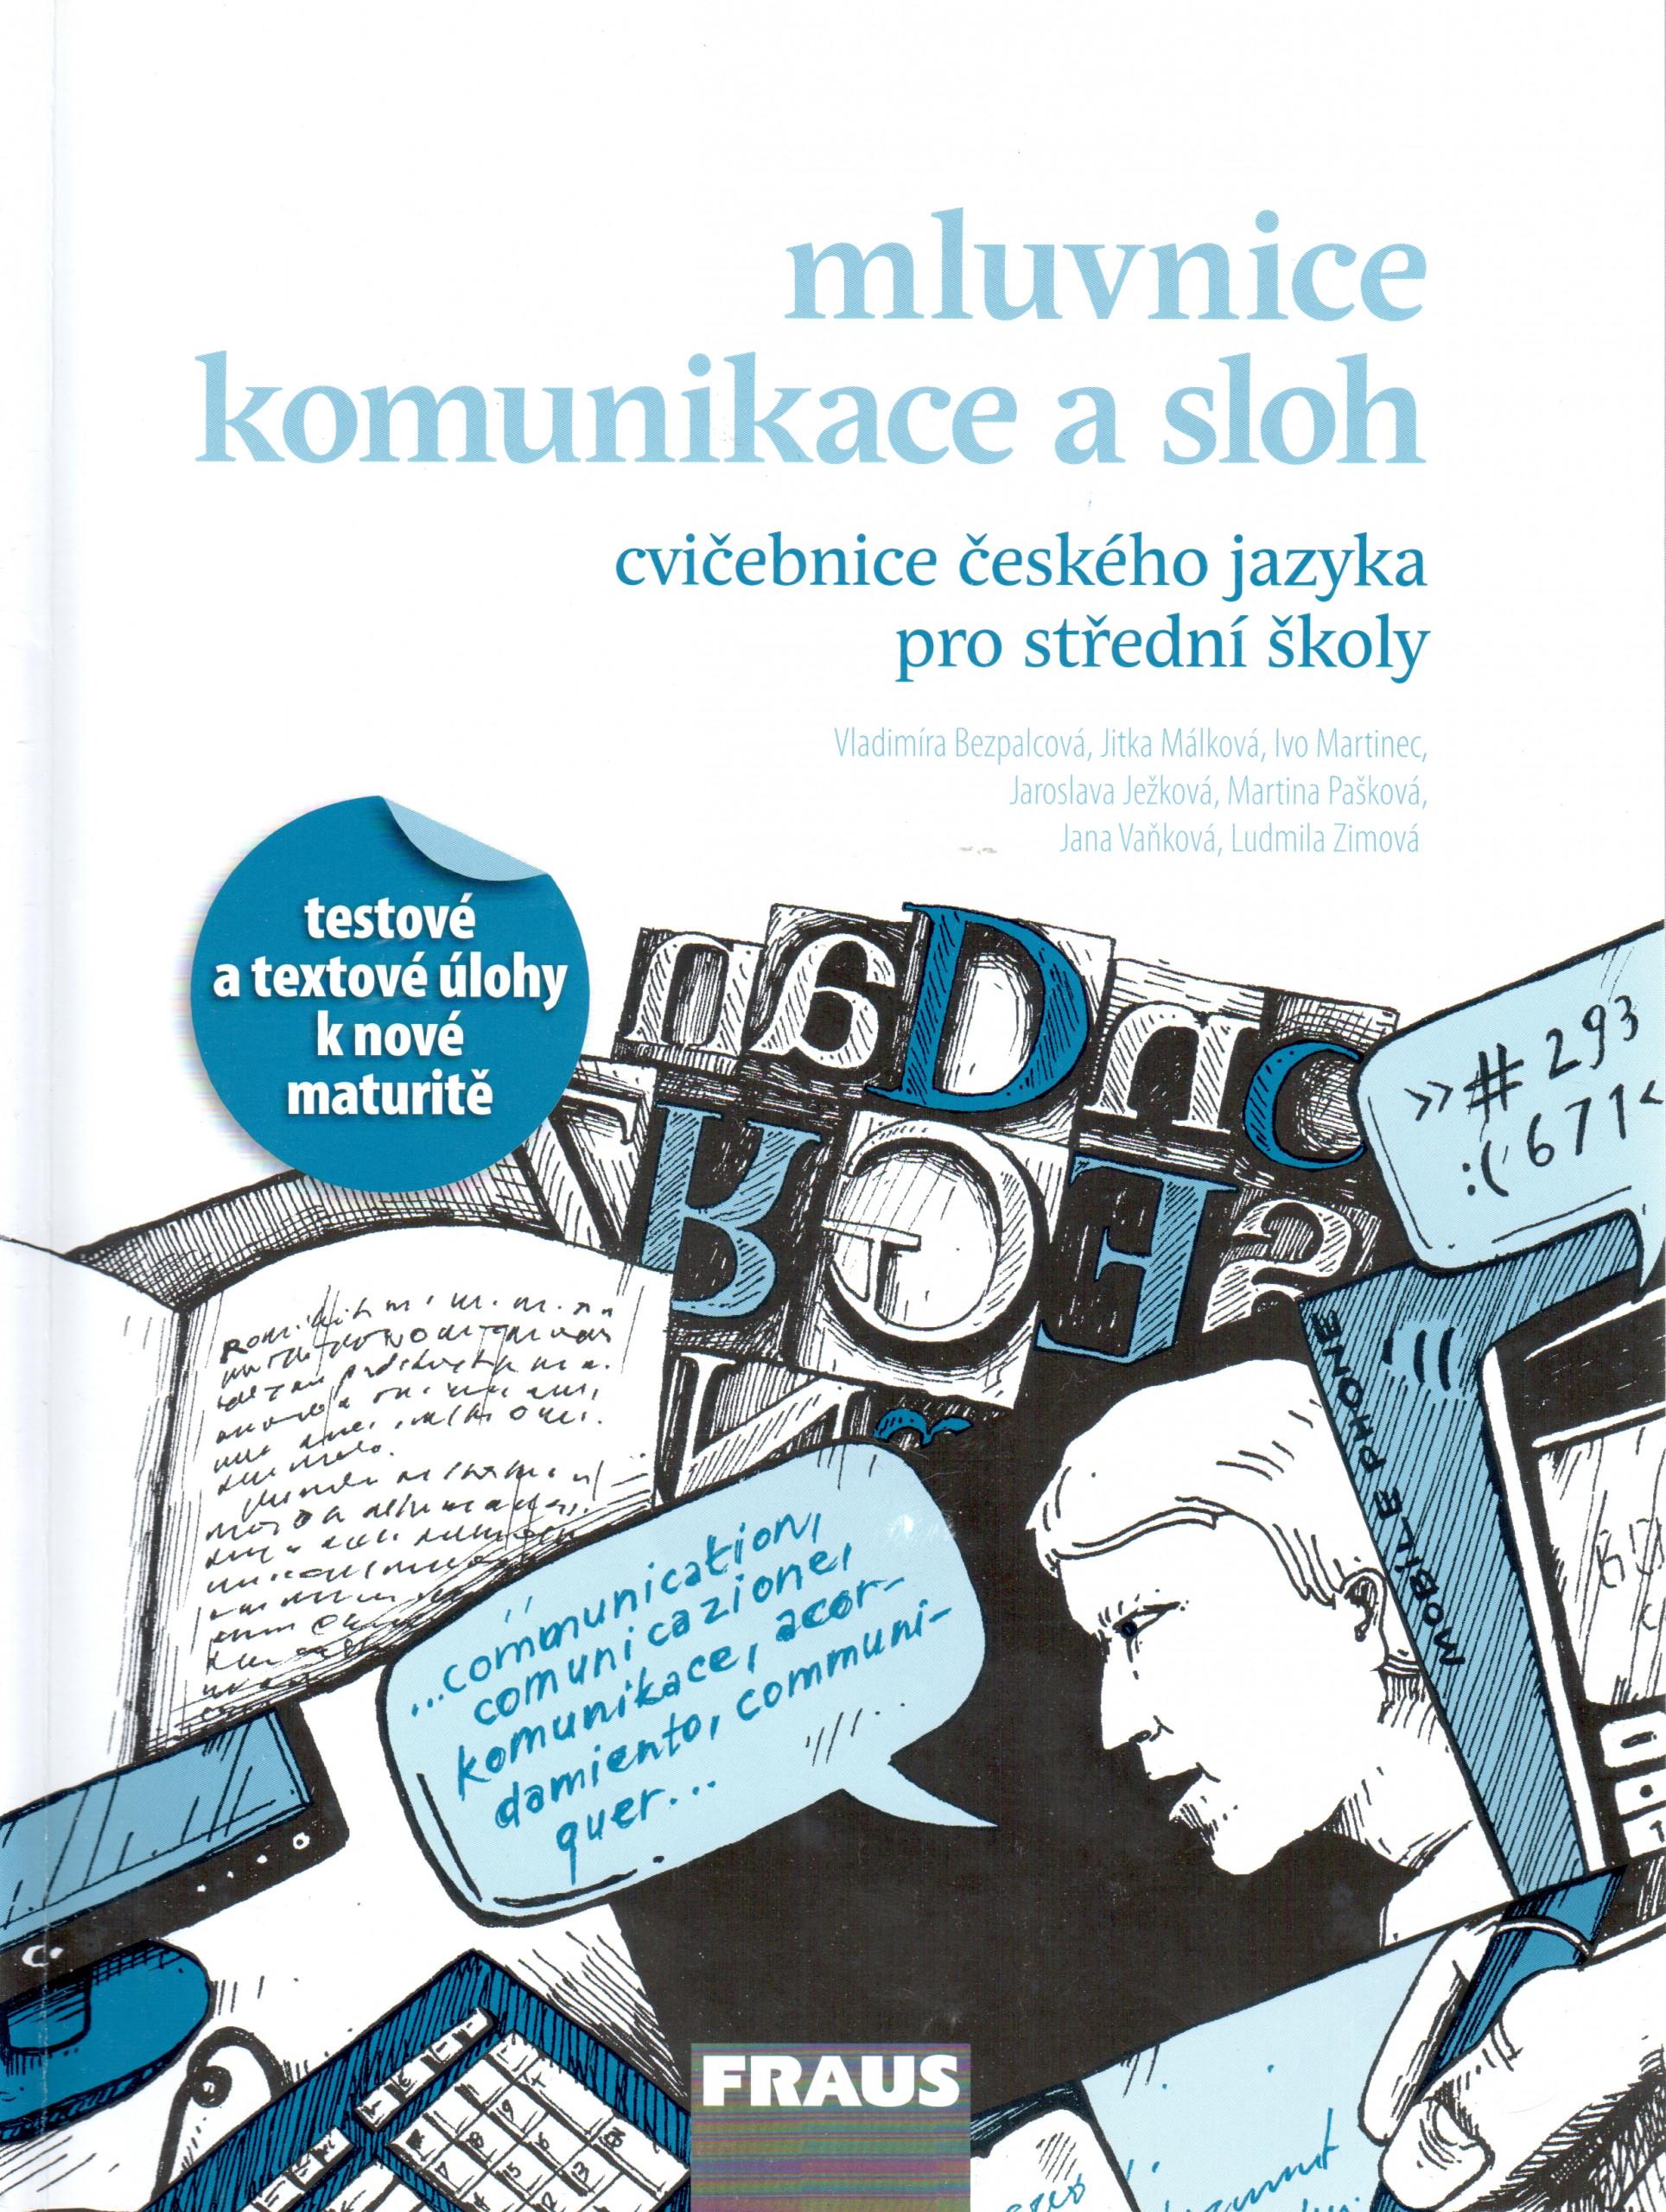 Mluvnice, komunikace a sloh (cvičebnice českého jazyka pro střední školy) - Náhled učebnice